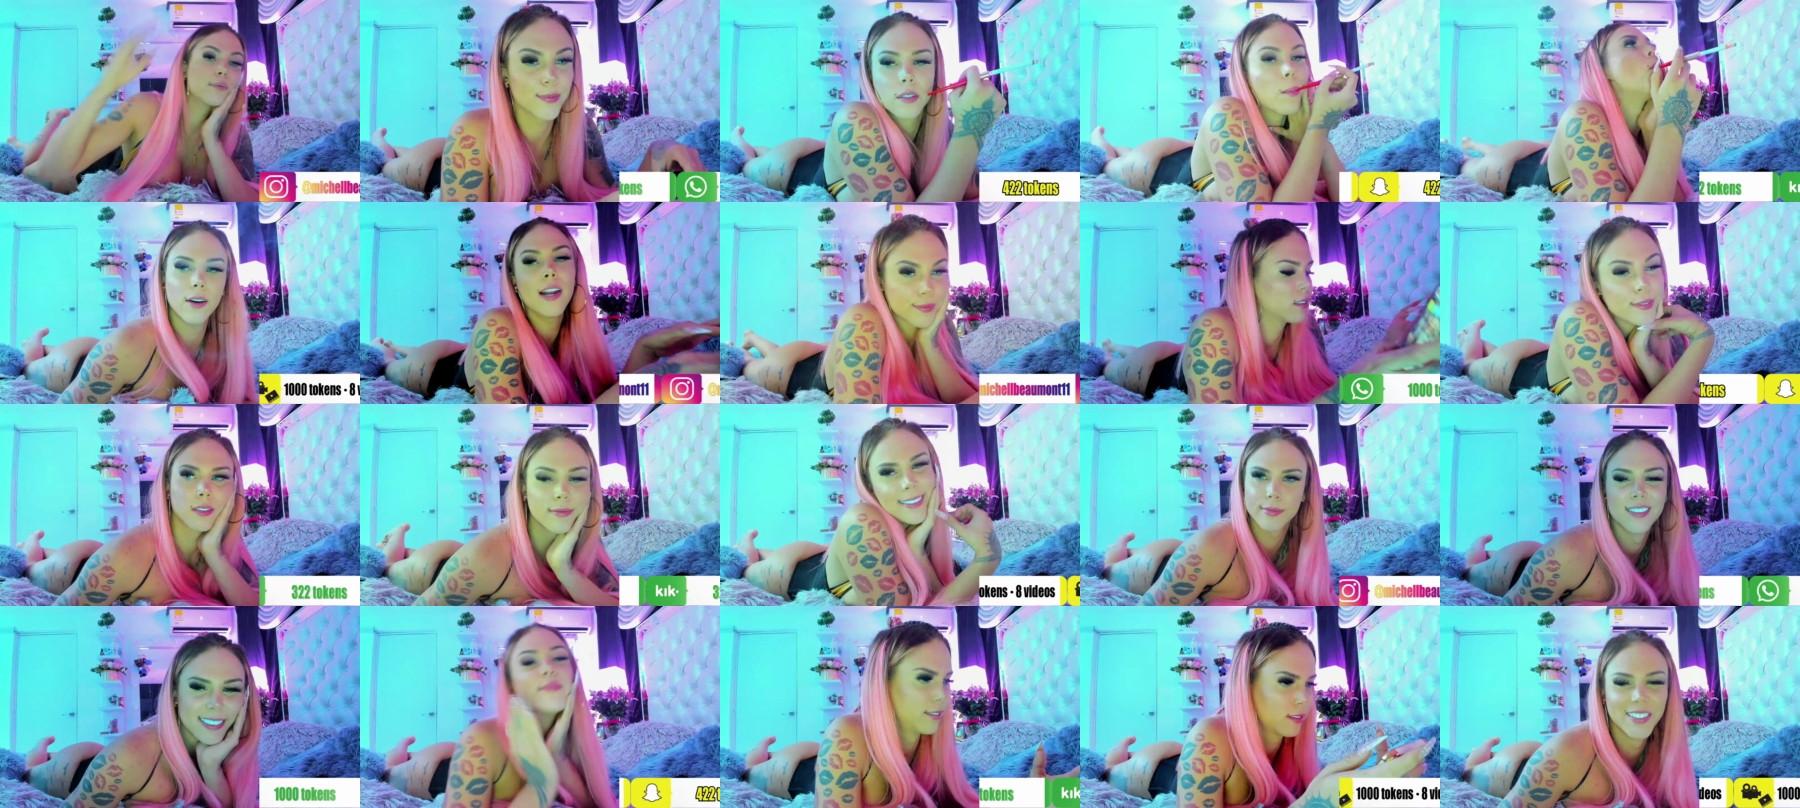 Sexxymichel Chaturbate 20-04-2021 Trans Video